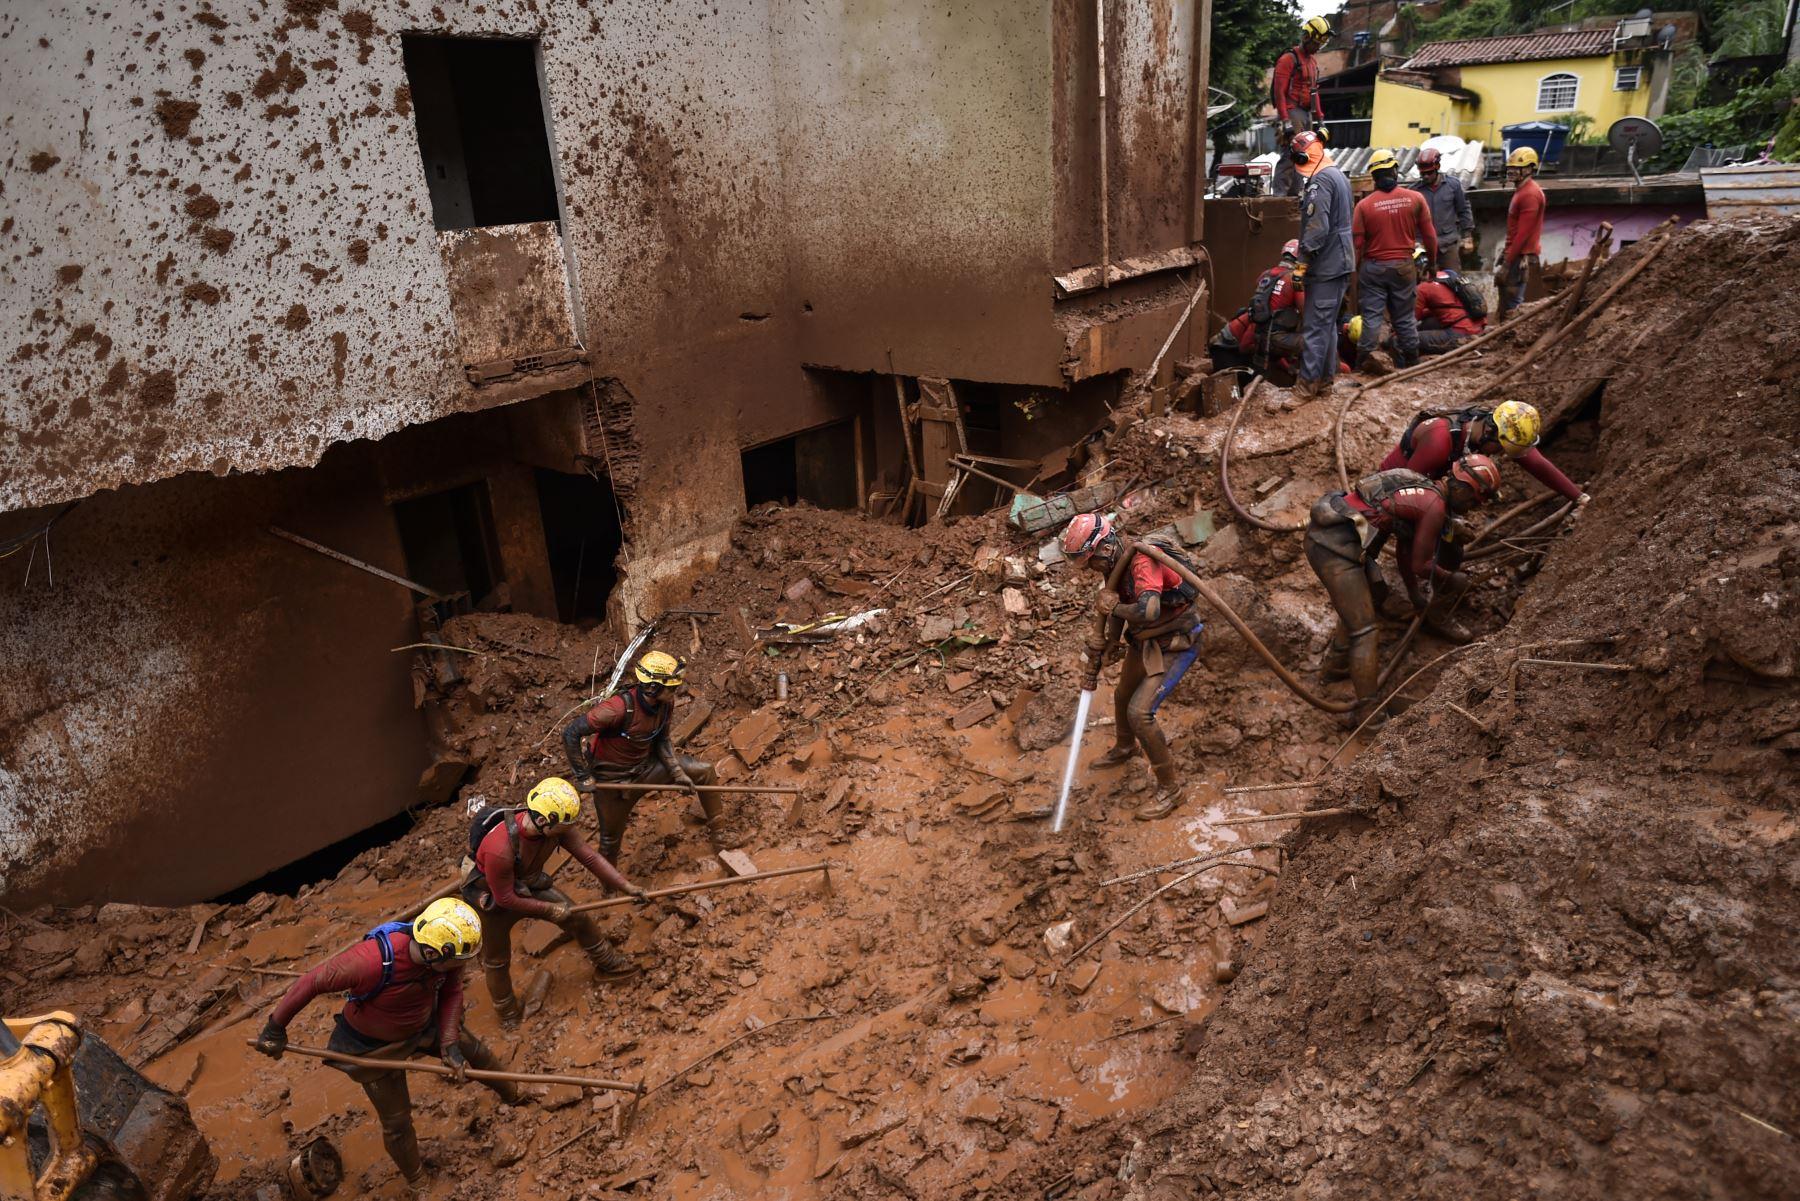 Los bomberos buscan personas desaparecidas utilizando una técnica de desmantelamiento hidráulico, que utiliza agua para dispersar el lodo, después de un deslizamiento de tierra en Vila Bernadete, Belo Horizonte, estado de Minas Gerais, Brasil. AFP